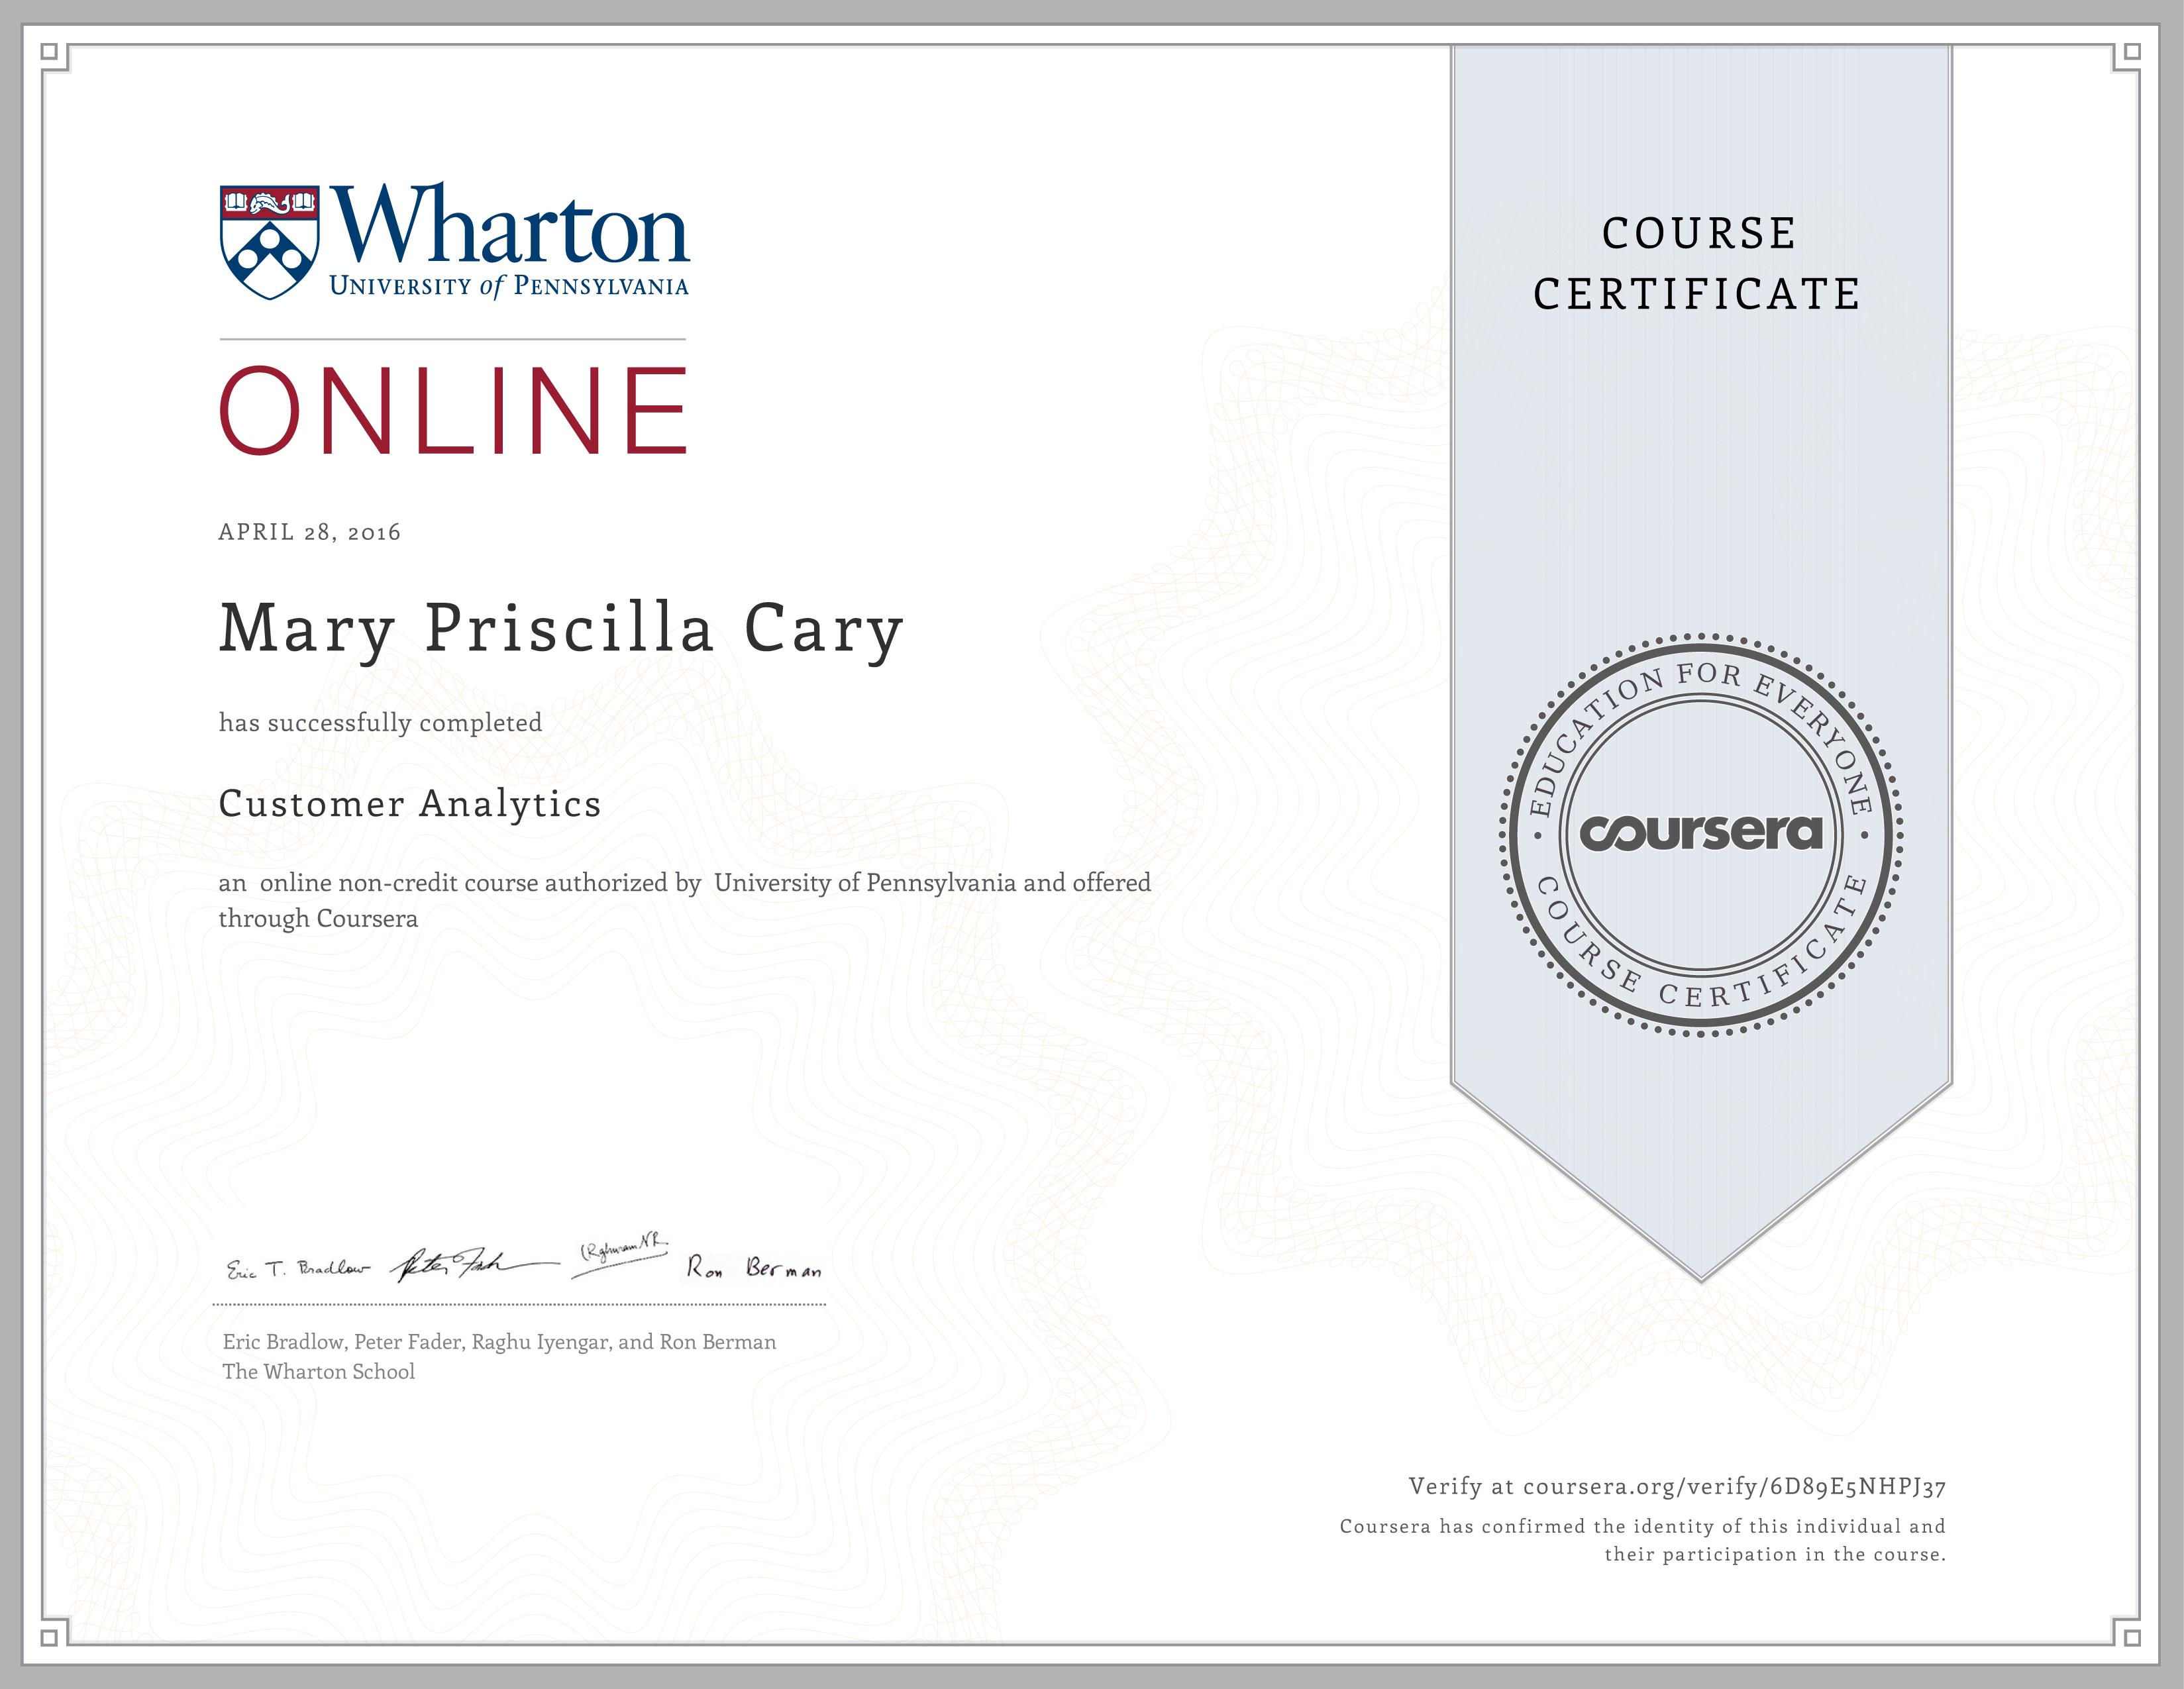 00000Wharton Analytics Certificate